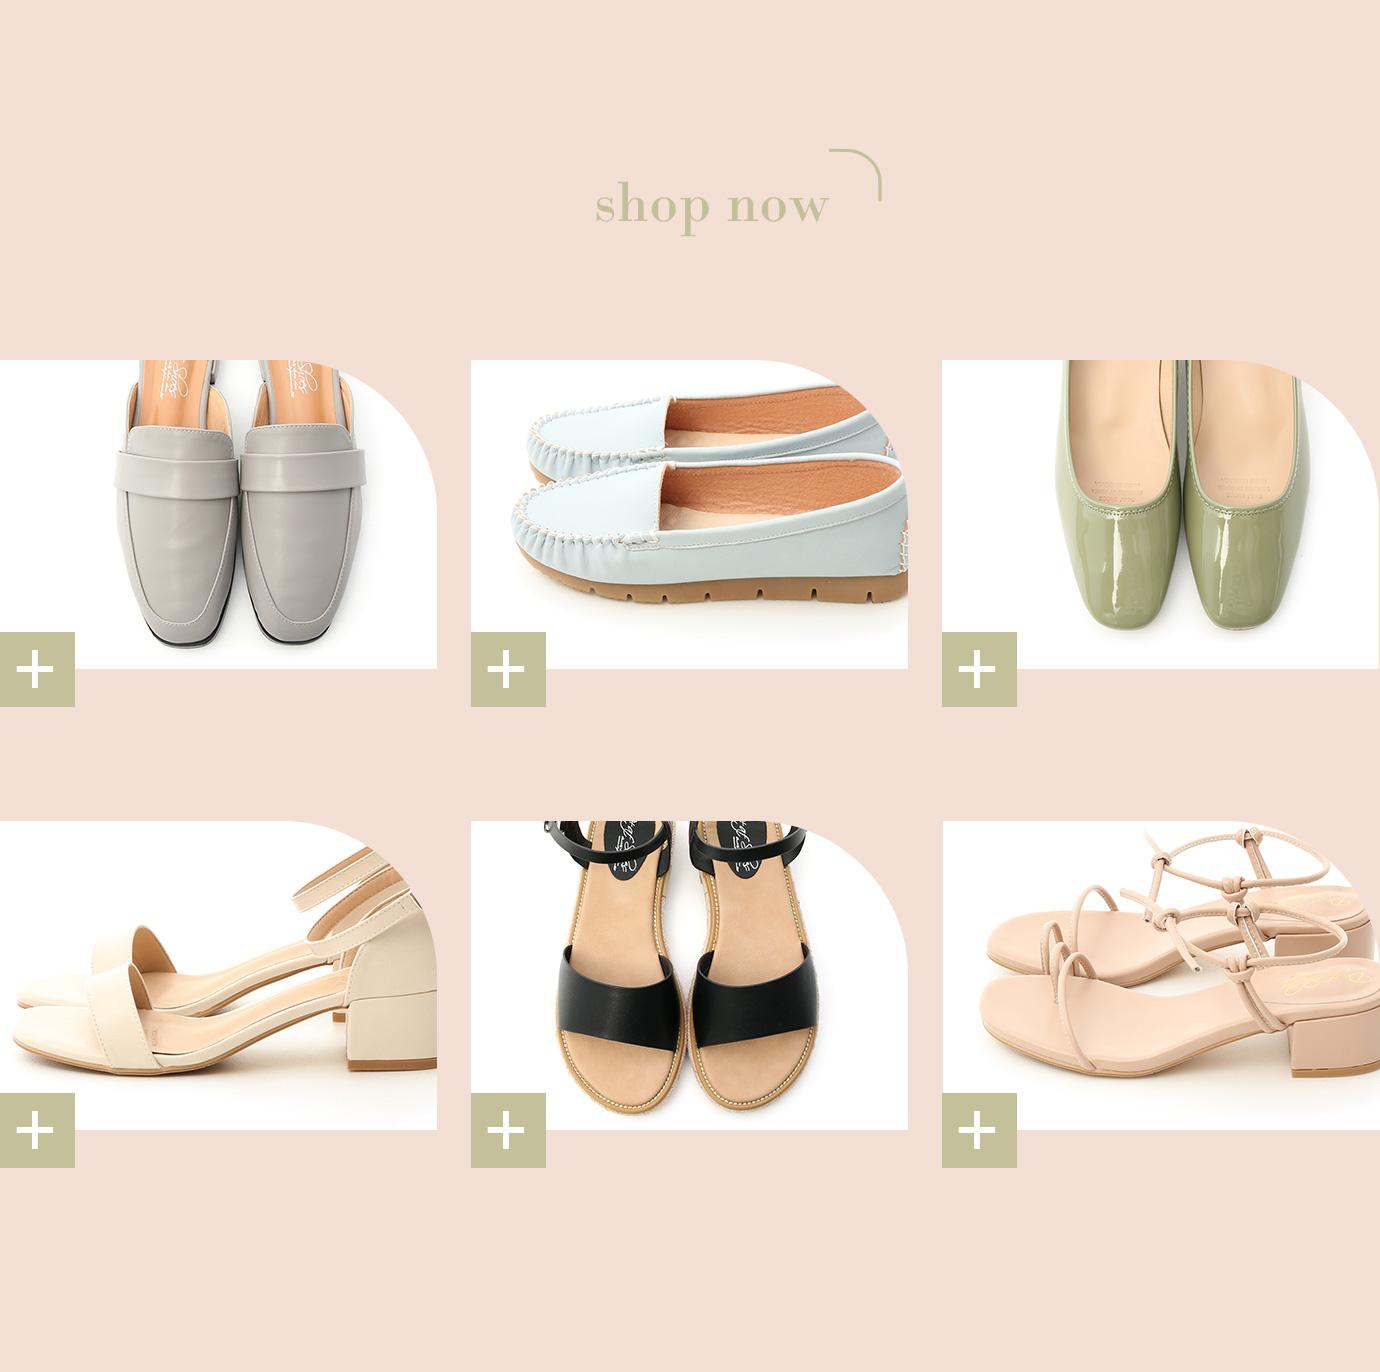 春季新款女鞋 樂福鞋 健走鞋 休閒鞋 跟鞋 涼鞋推薦